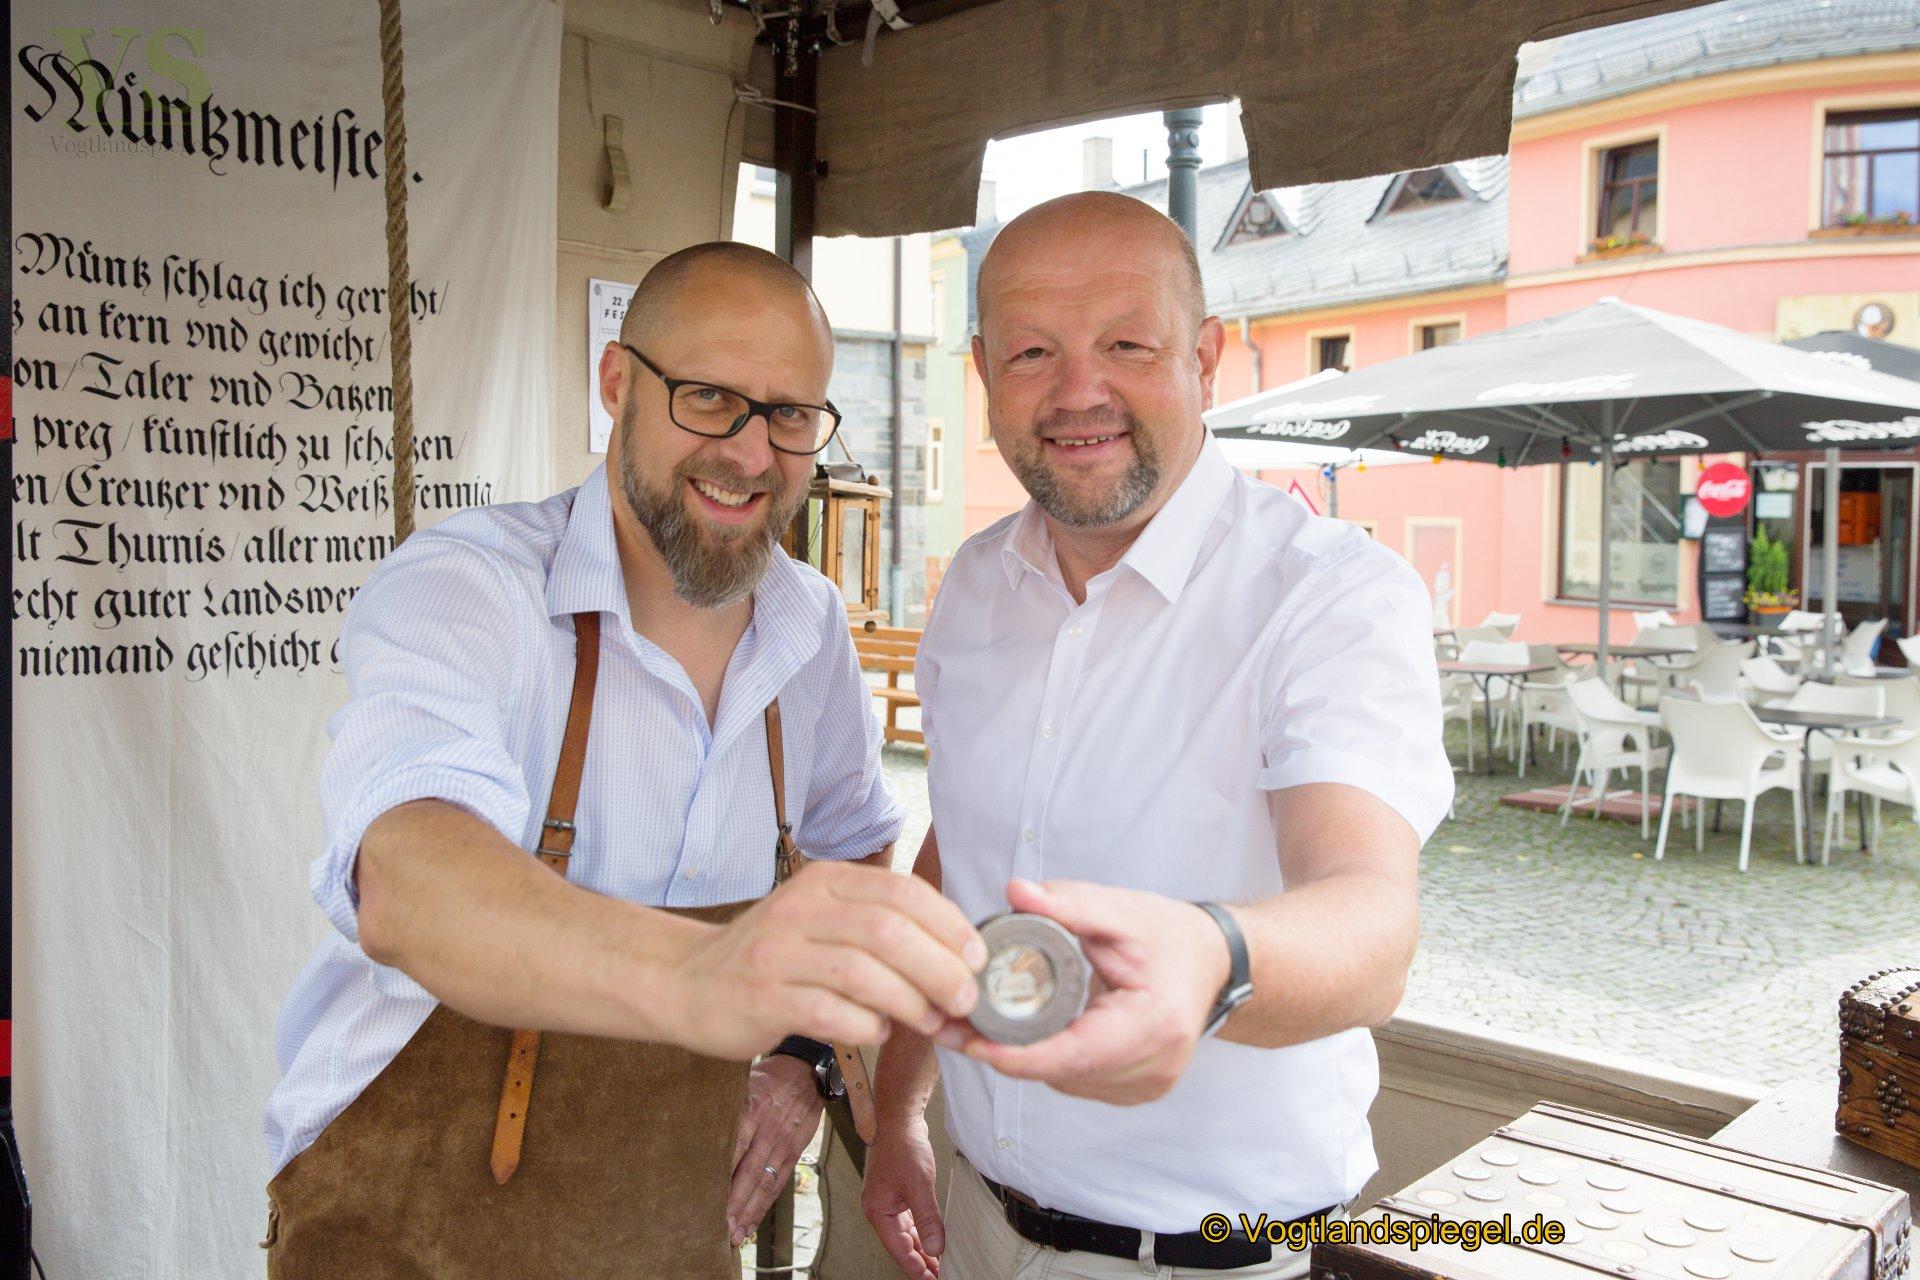 Den Festtaler ziert in diesem Jahr die im Jahr 1744 errichtete Dorfkirche – Am Samstag wurde die Münze von Bürgermeister Alexander Schulze angeprägt